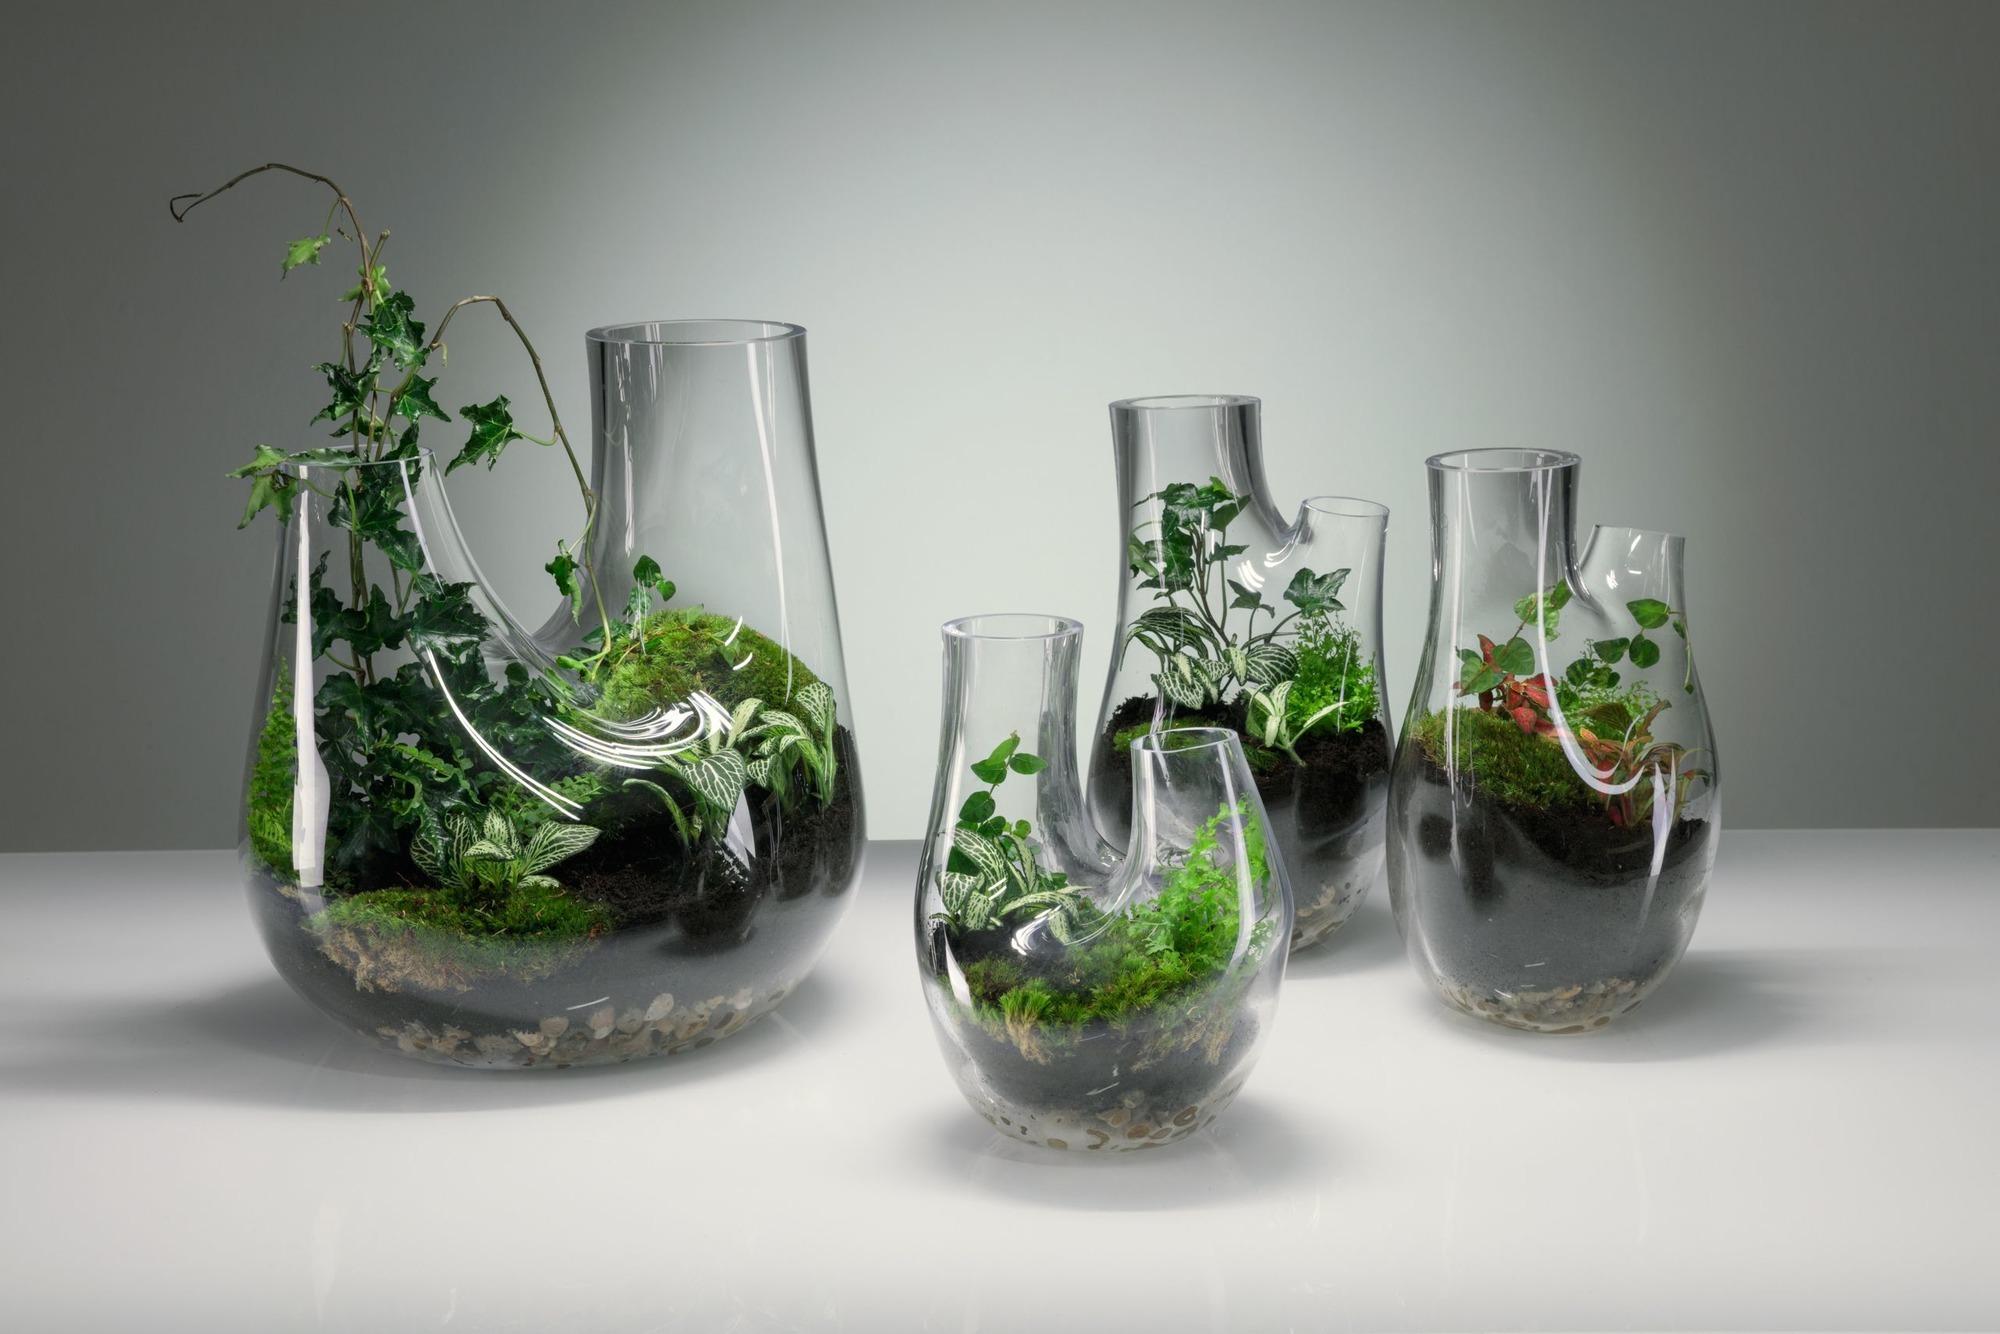 Mini-Garten Im Glas: Wie Pflanzen In Der Flasche Gedeihen